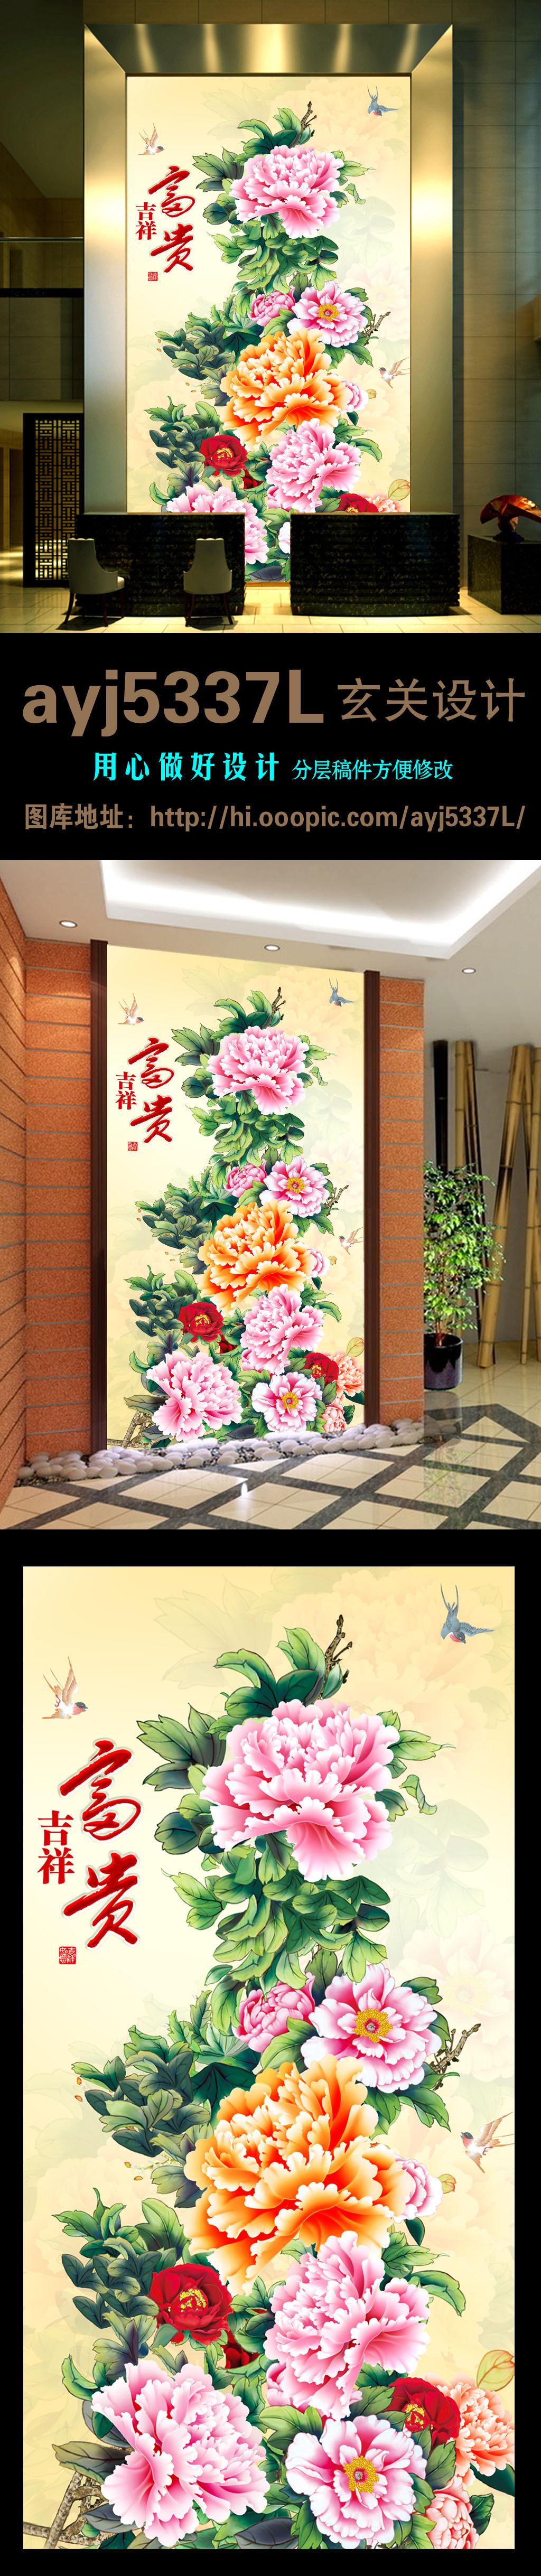 花鸟画国画牡丹玄关背景墙图片